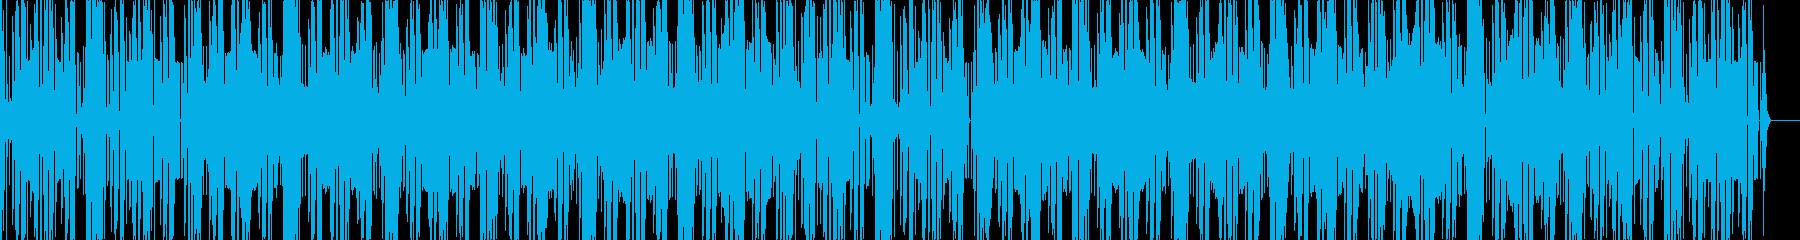 スタイリッシュお洒落なフューチャーベースの再生済みの波形